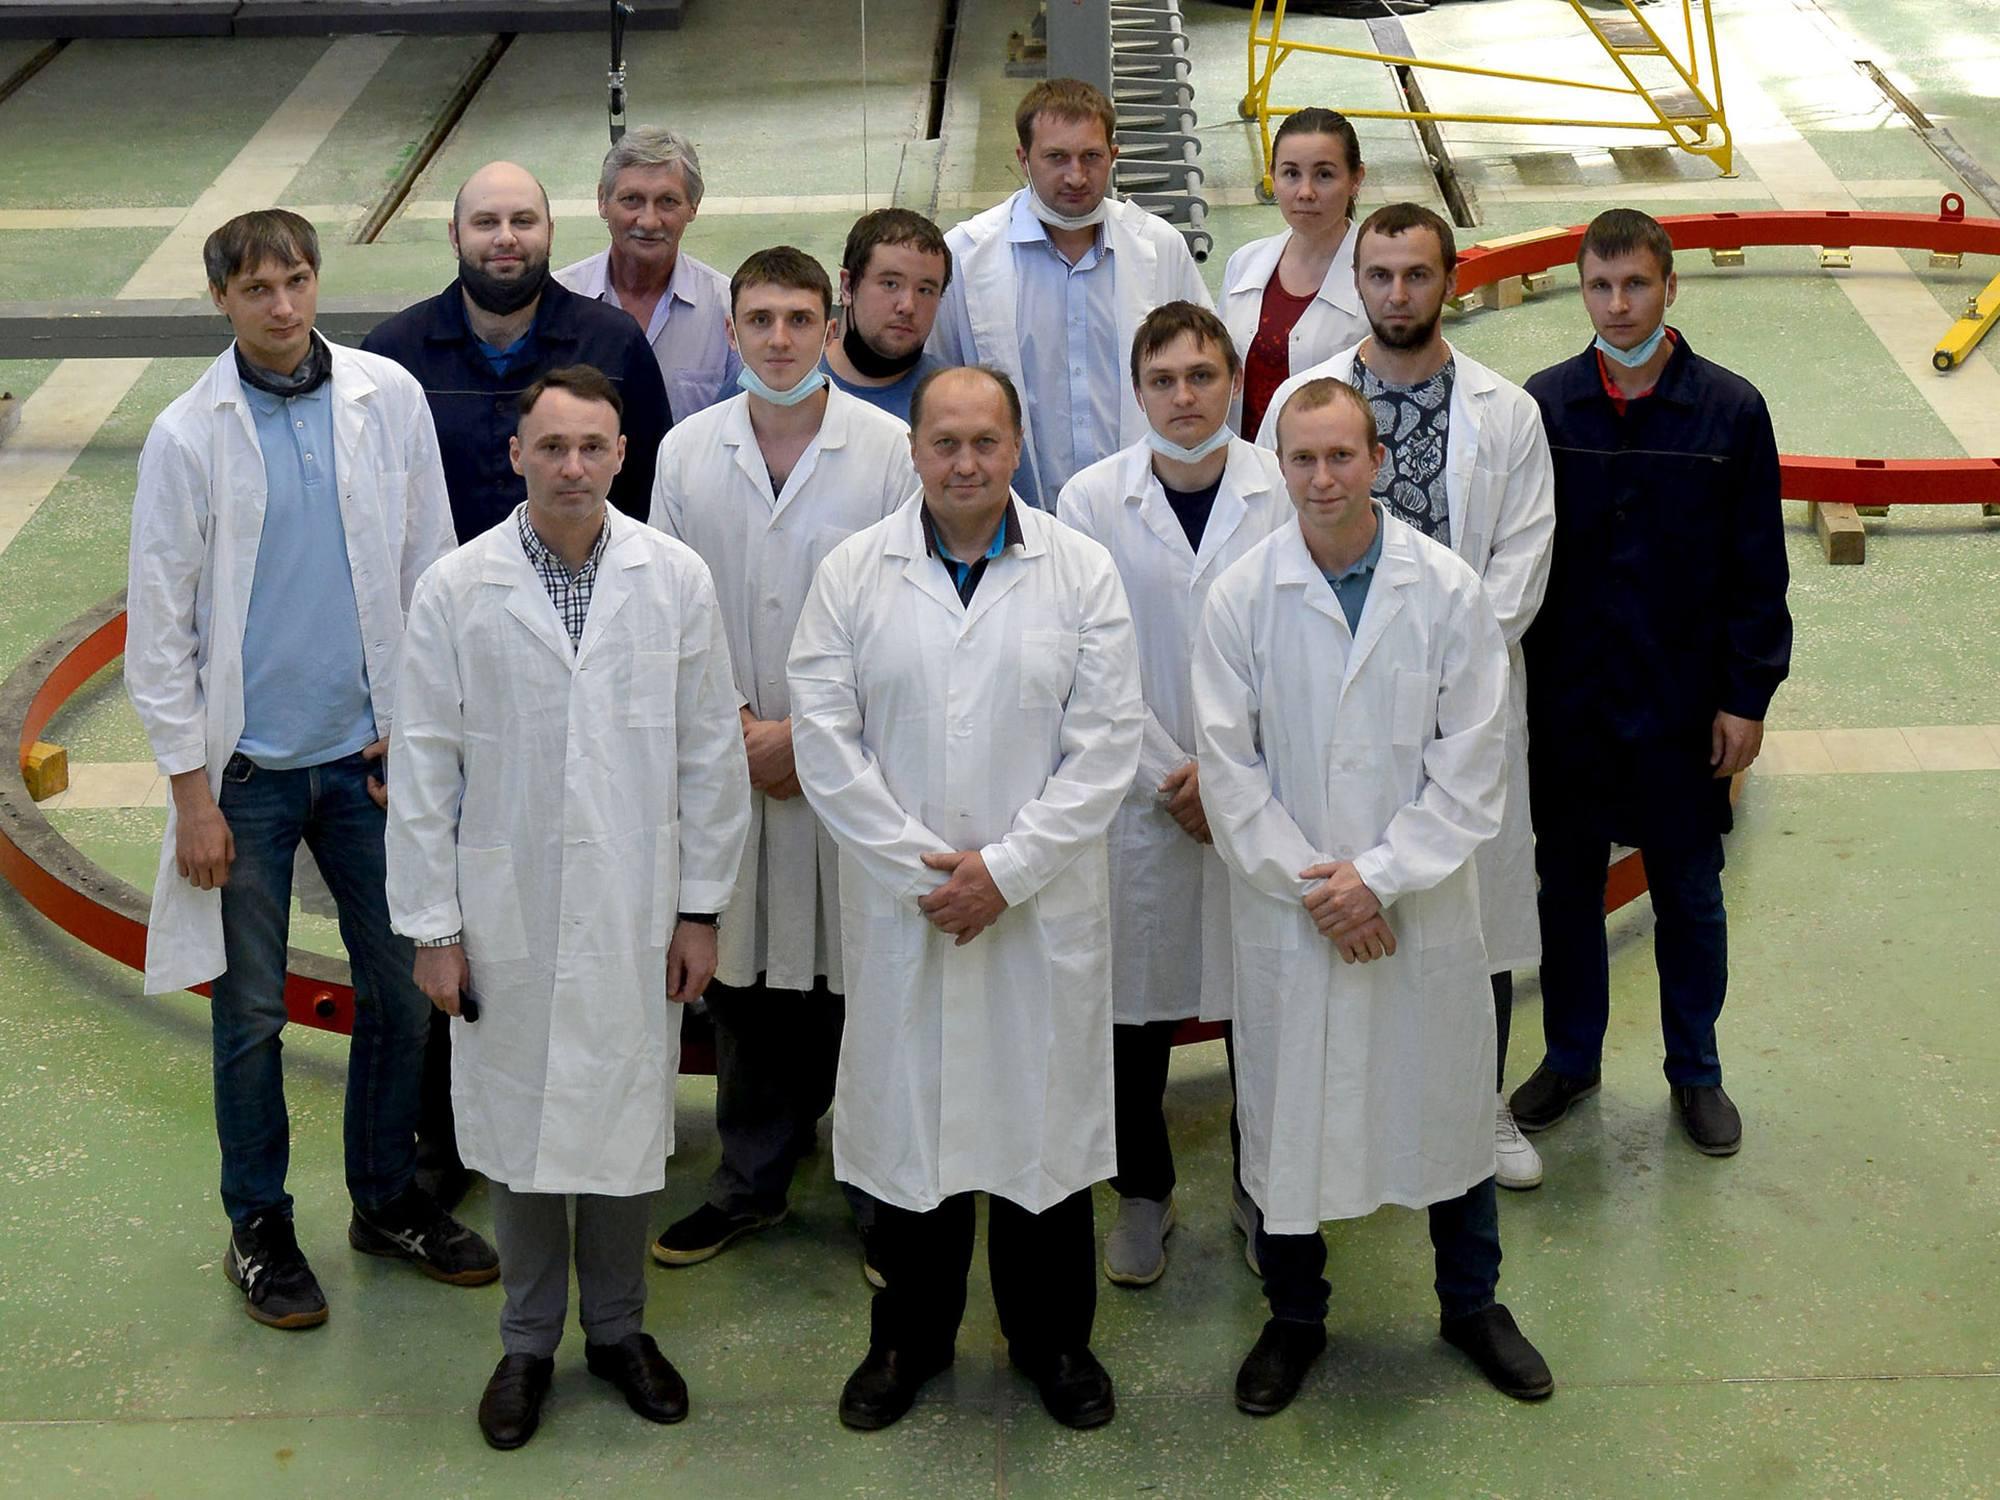 L'équipe chargée des tests. On constate avec plaisir que désormais ces équipes comprennent de nombreux jeunes, ce qui n'a pas toujours été le cas dans une industrie spatiale russe vieillissante.